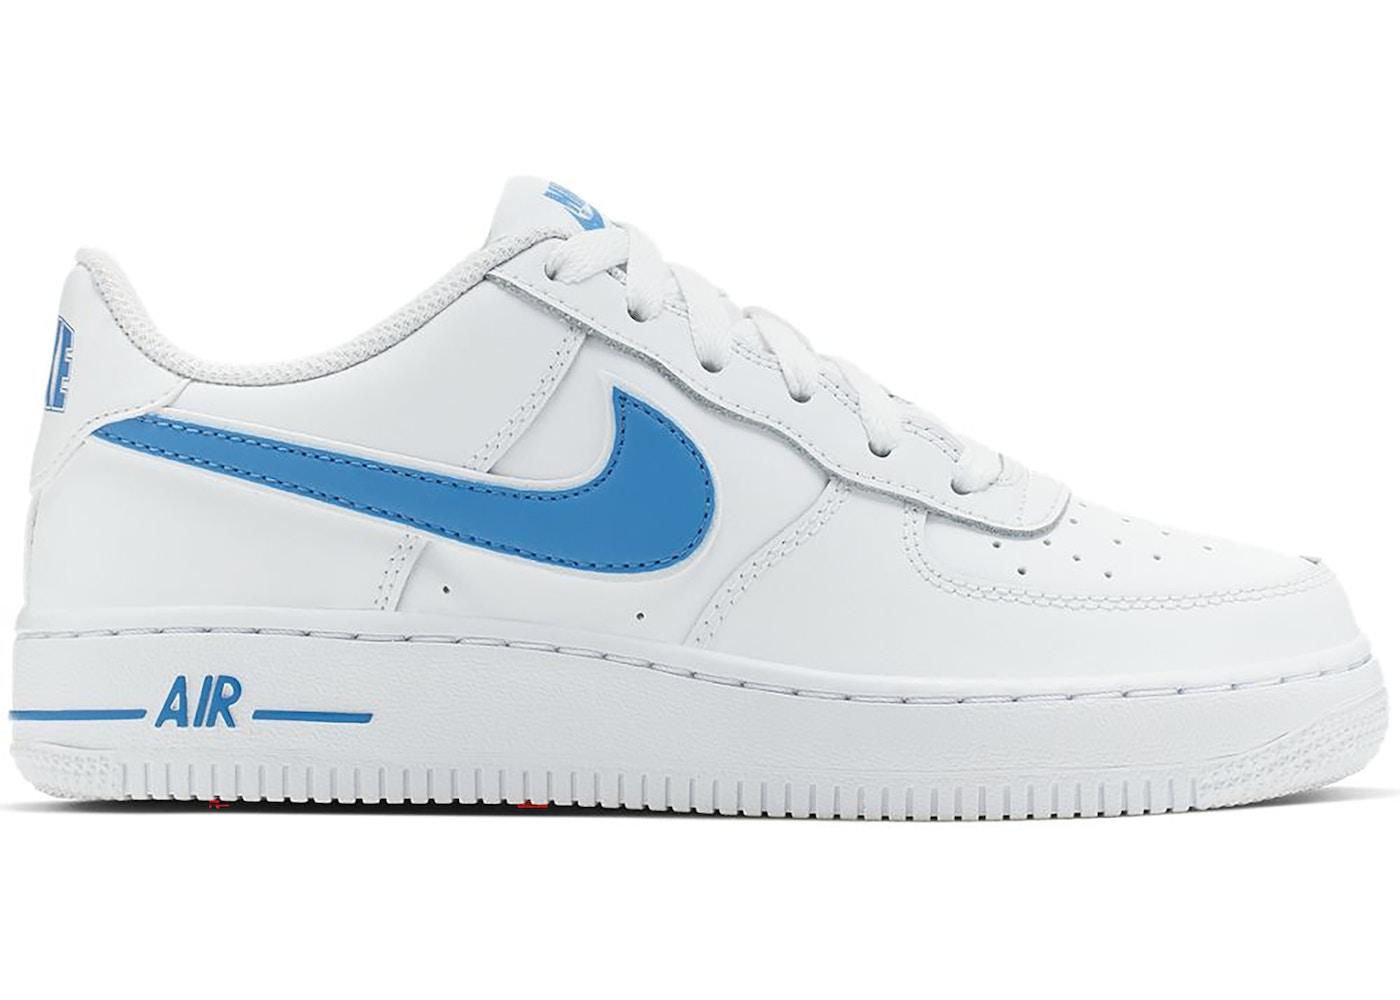 Nike Air Force 1 Low White University Blue Gs Av6252 102